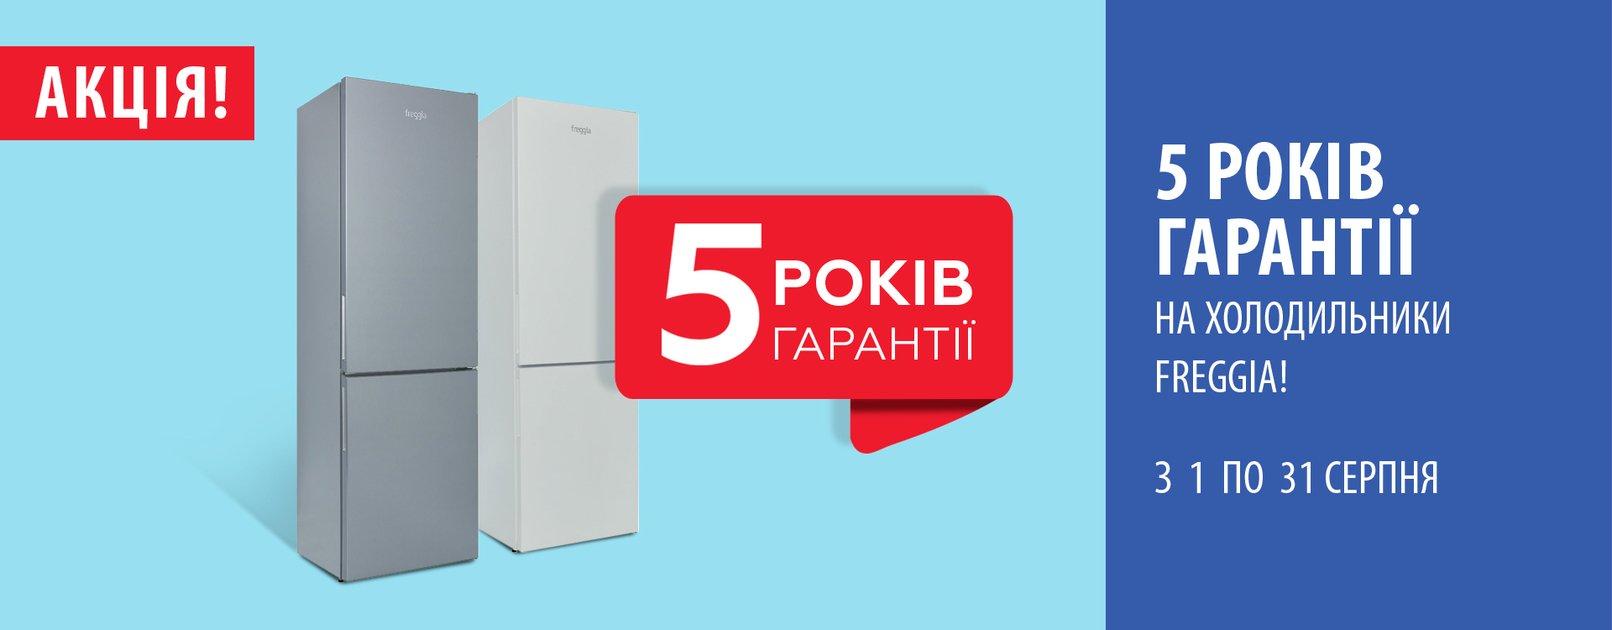 5 років гарантії на холодильники Freggia